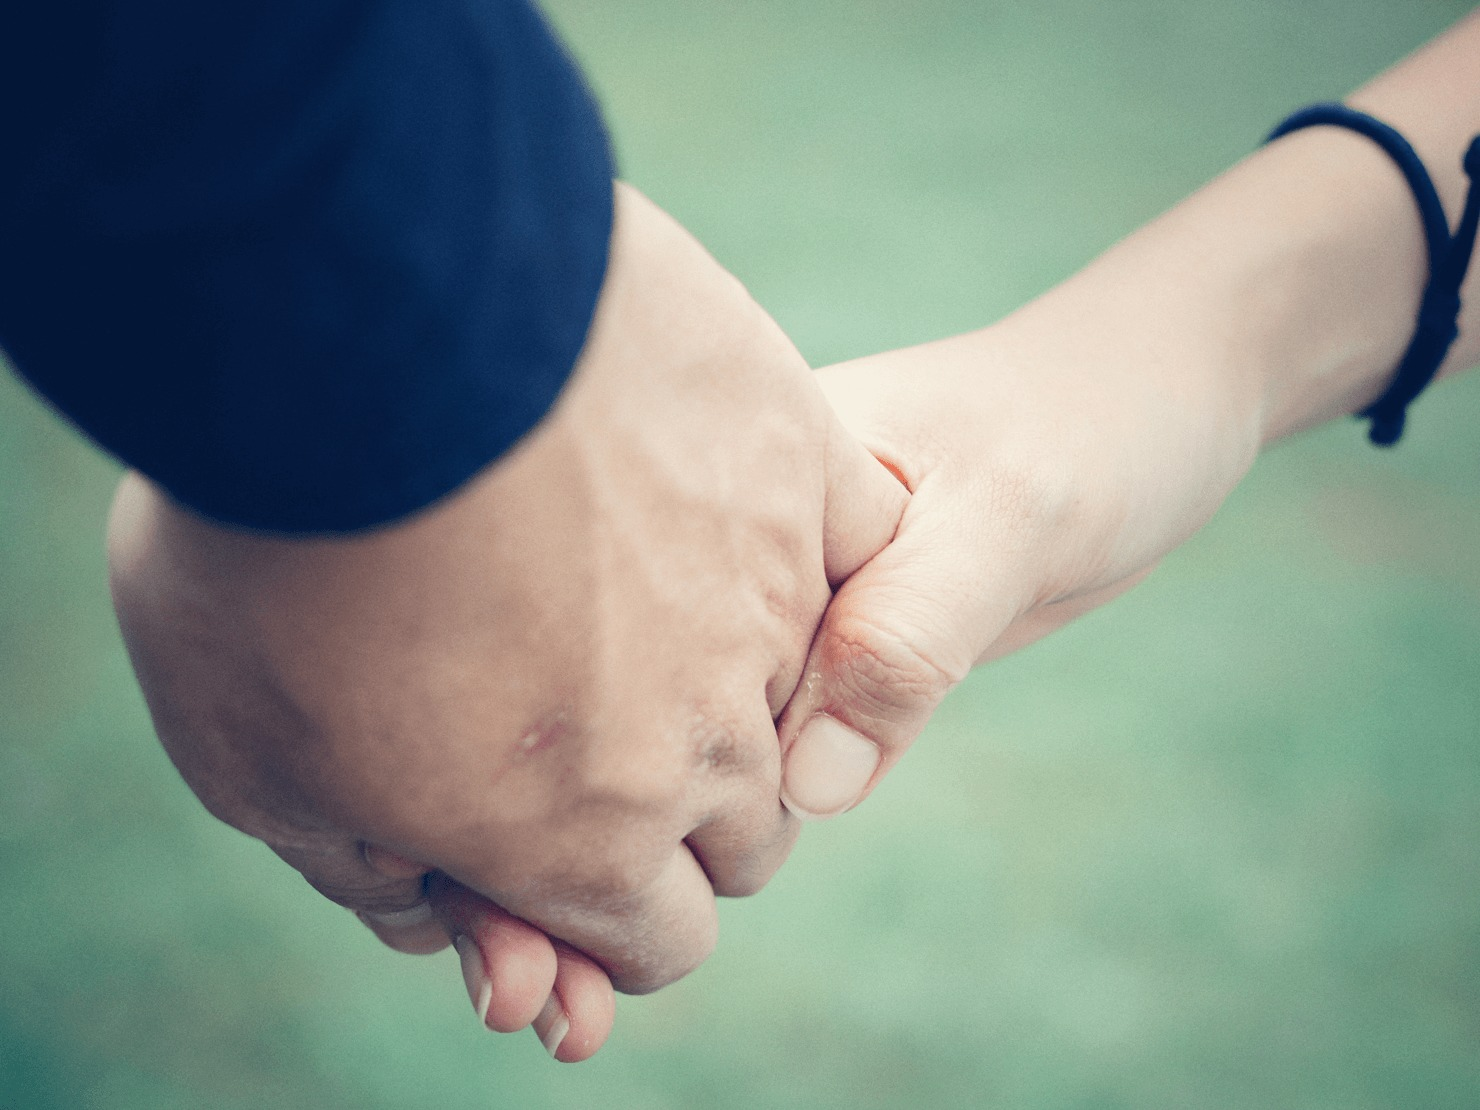 手をつないでいる写真